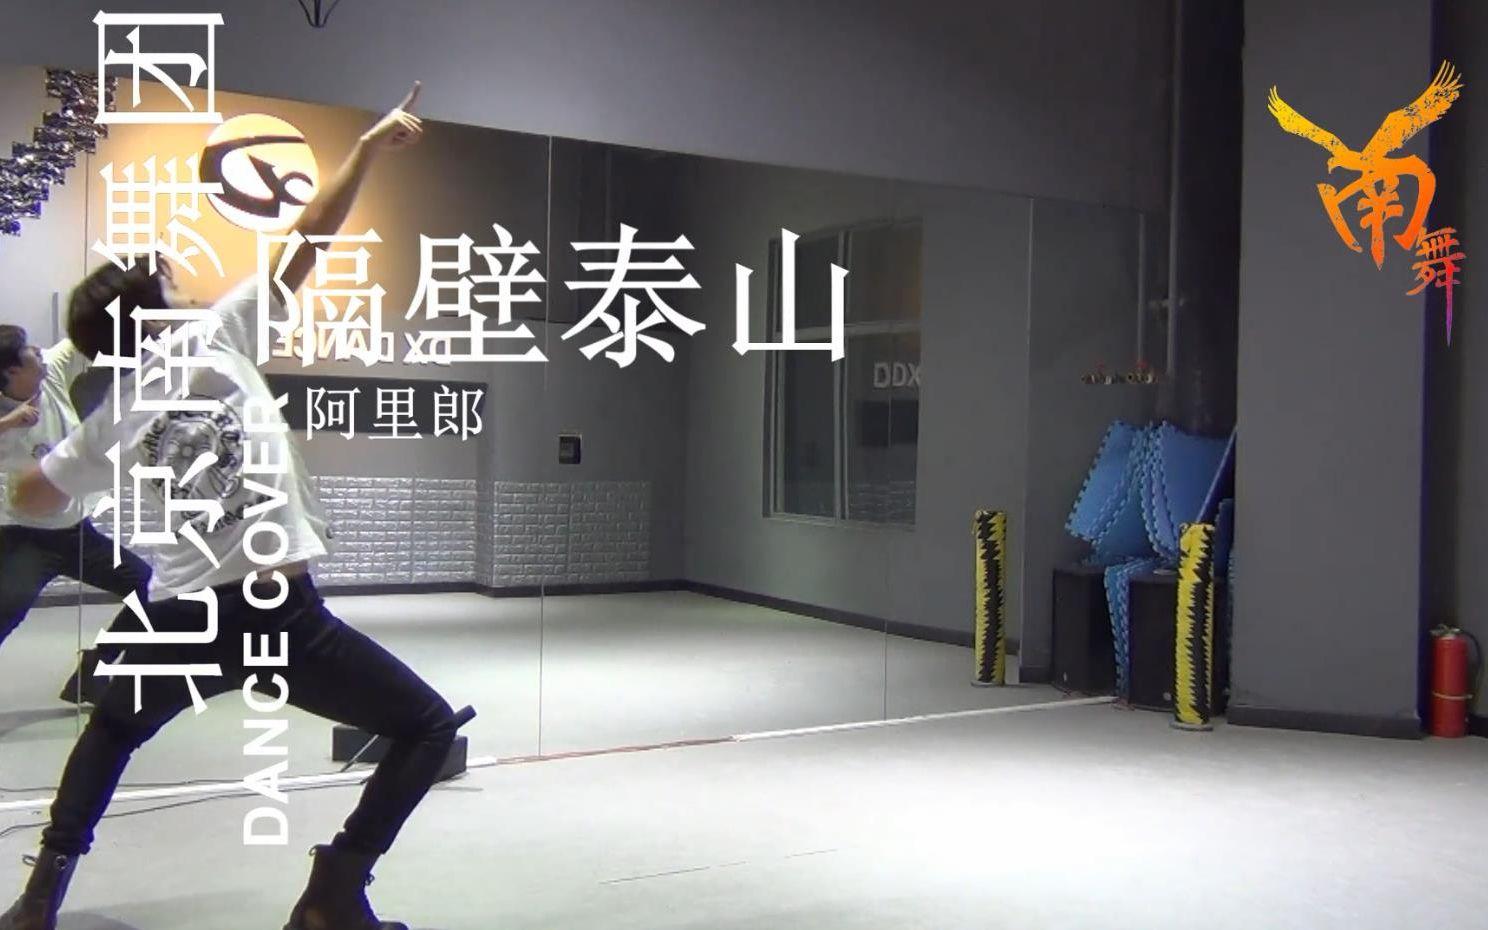 【南舞团】隔壁泰山 阿里郎 中文舞蹈分解教学 练习室(上)